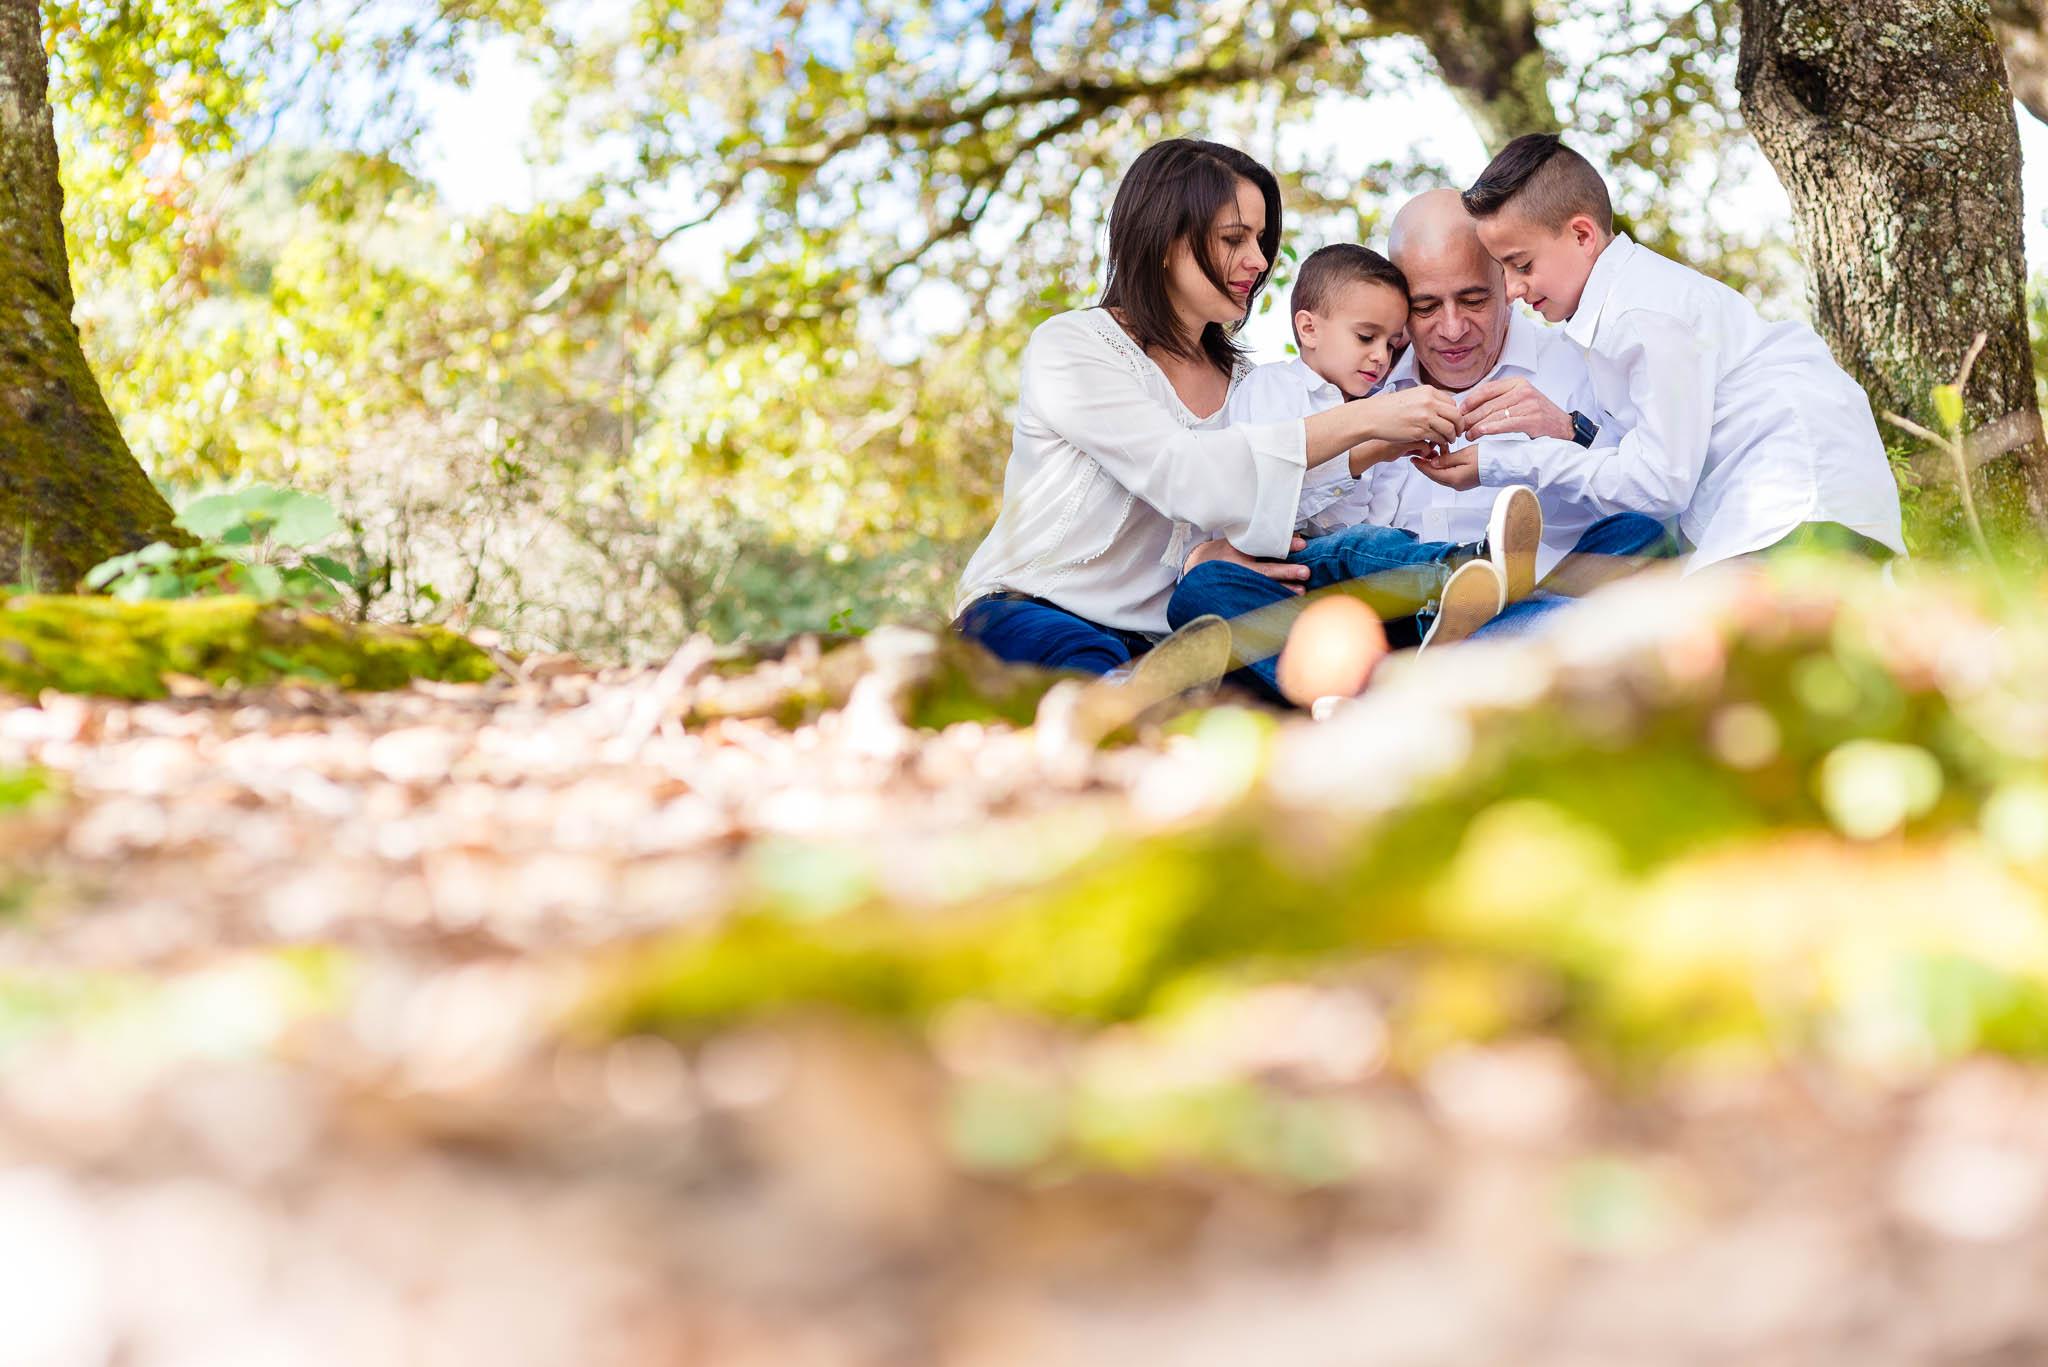 sesion familiar fotografia de familia fotos de familia fotografo san luis potosi luz escrita 23